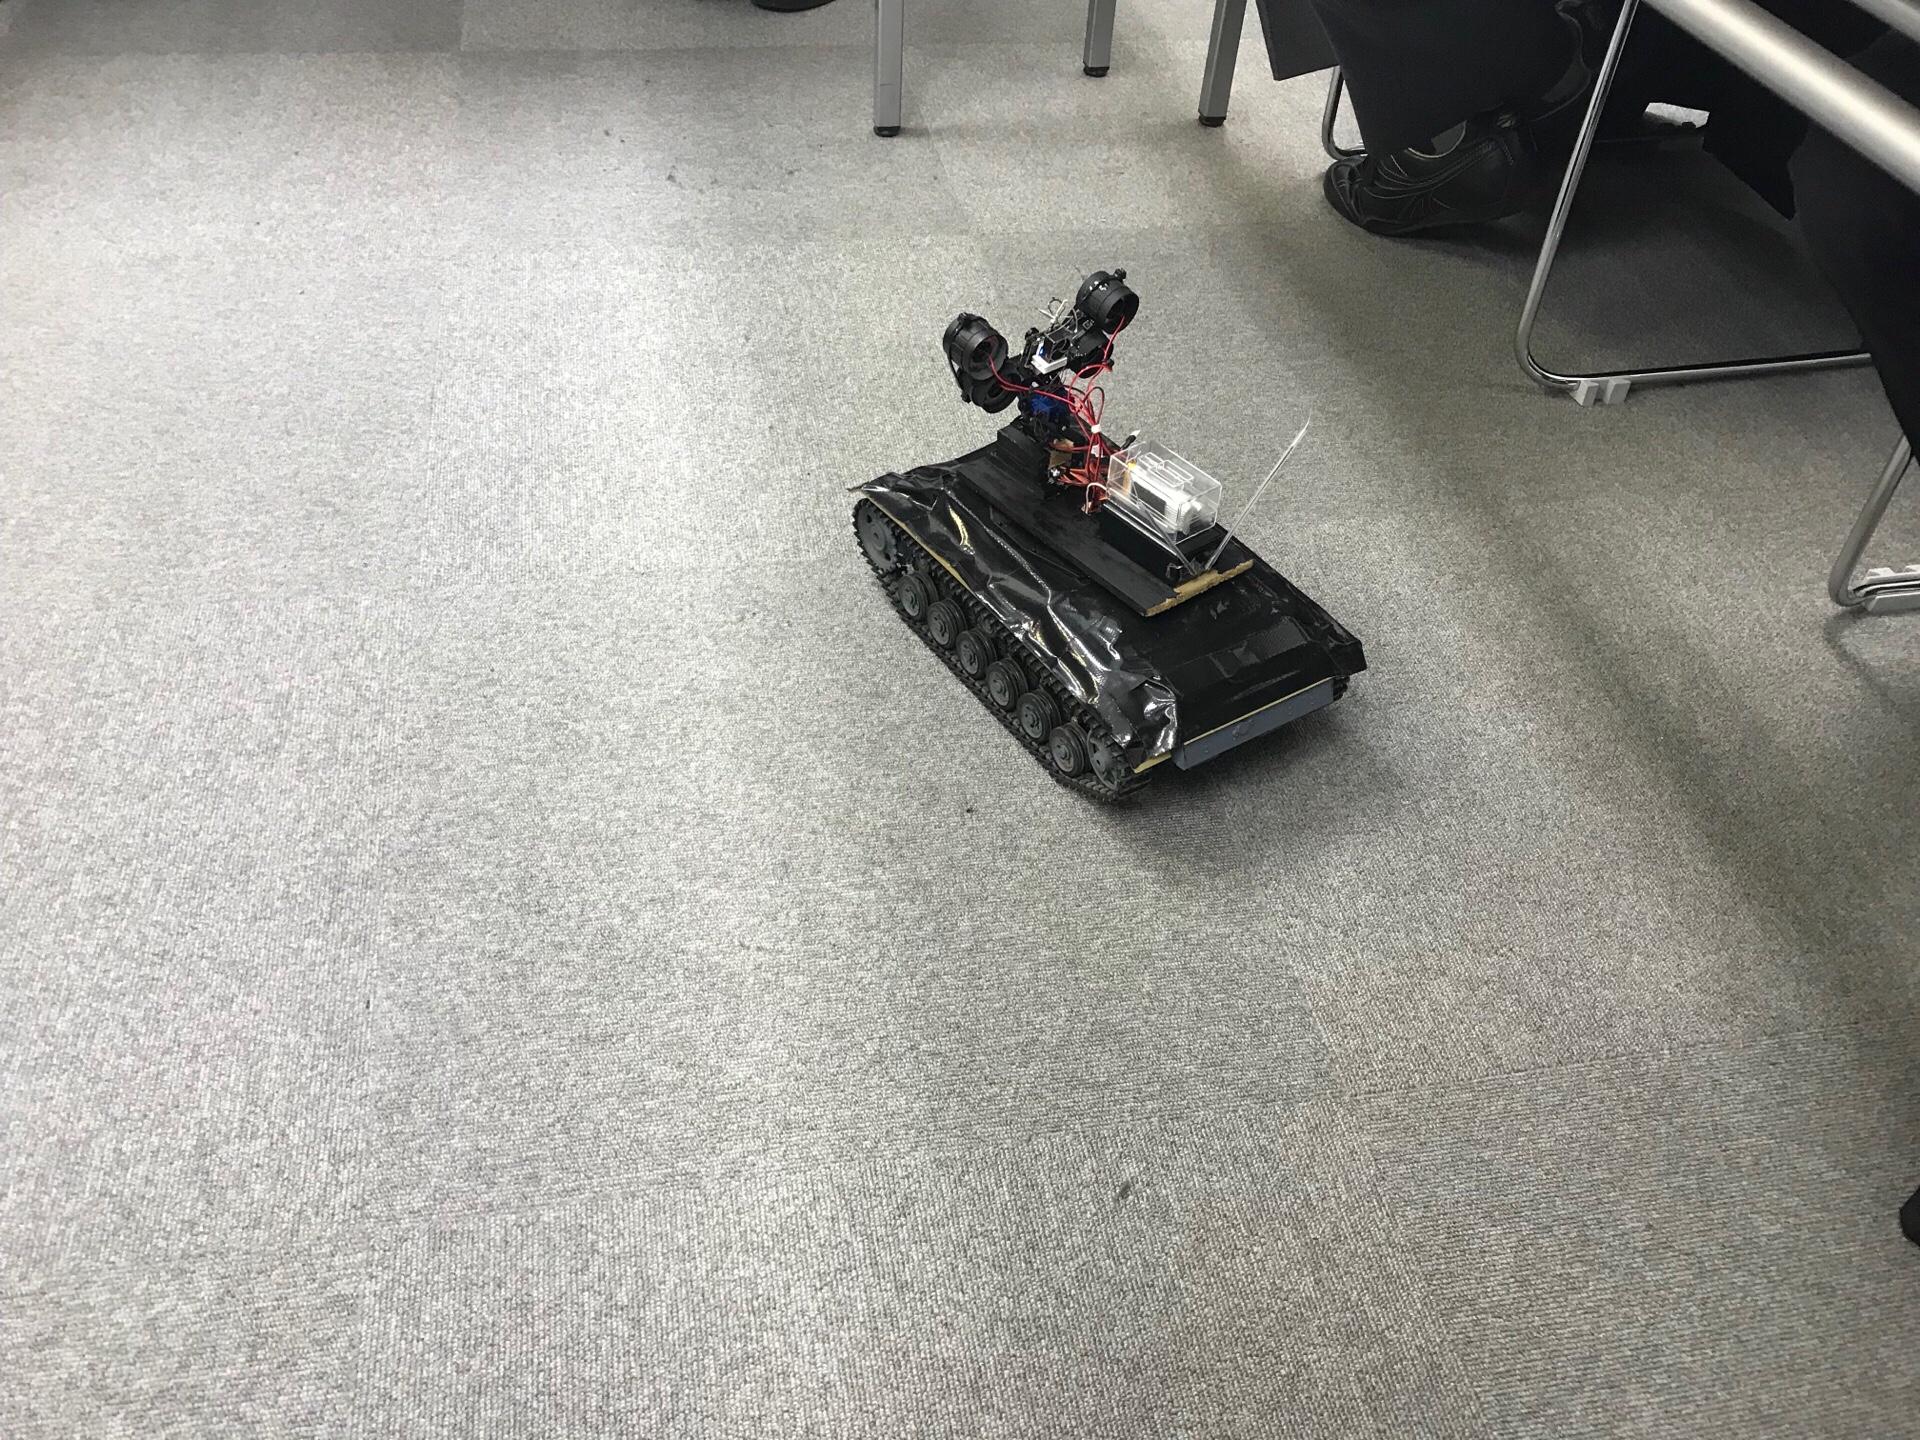 床下に潜るロボット210711130の画像